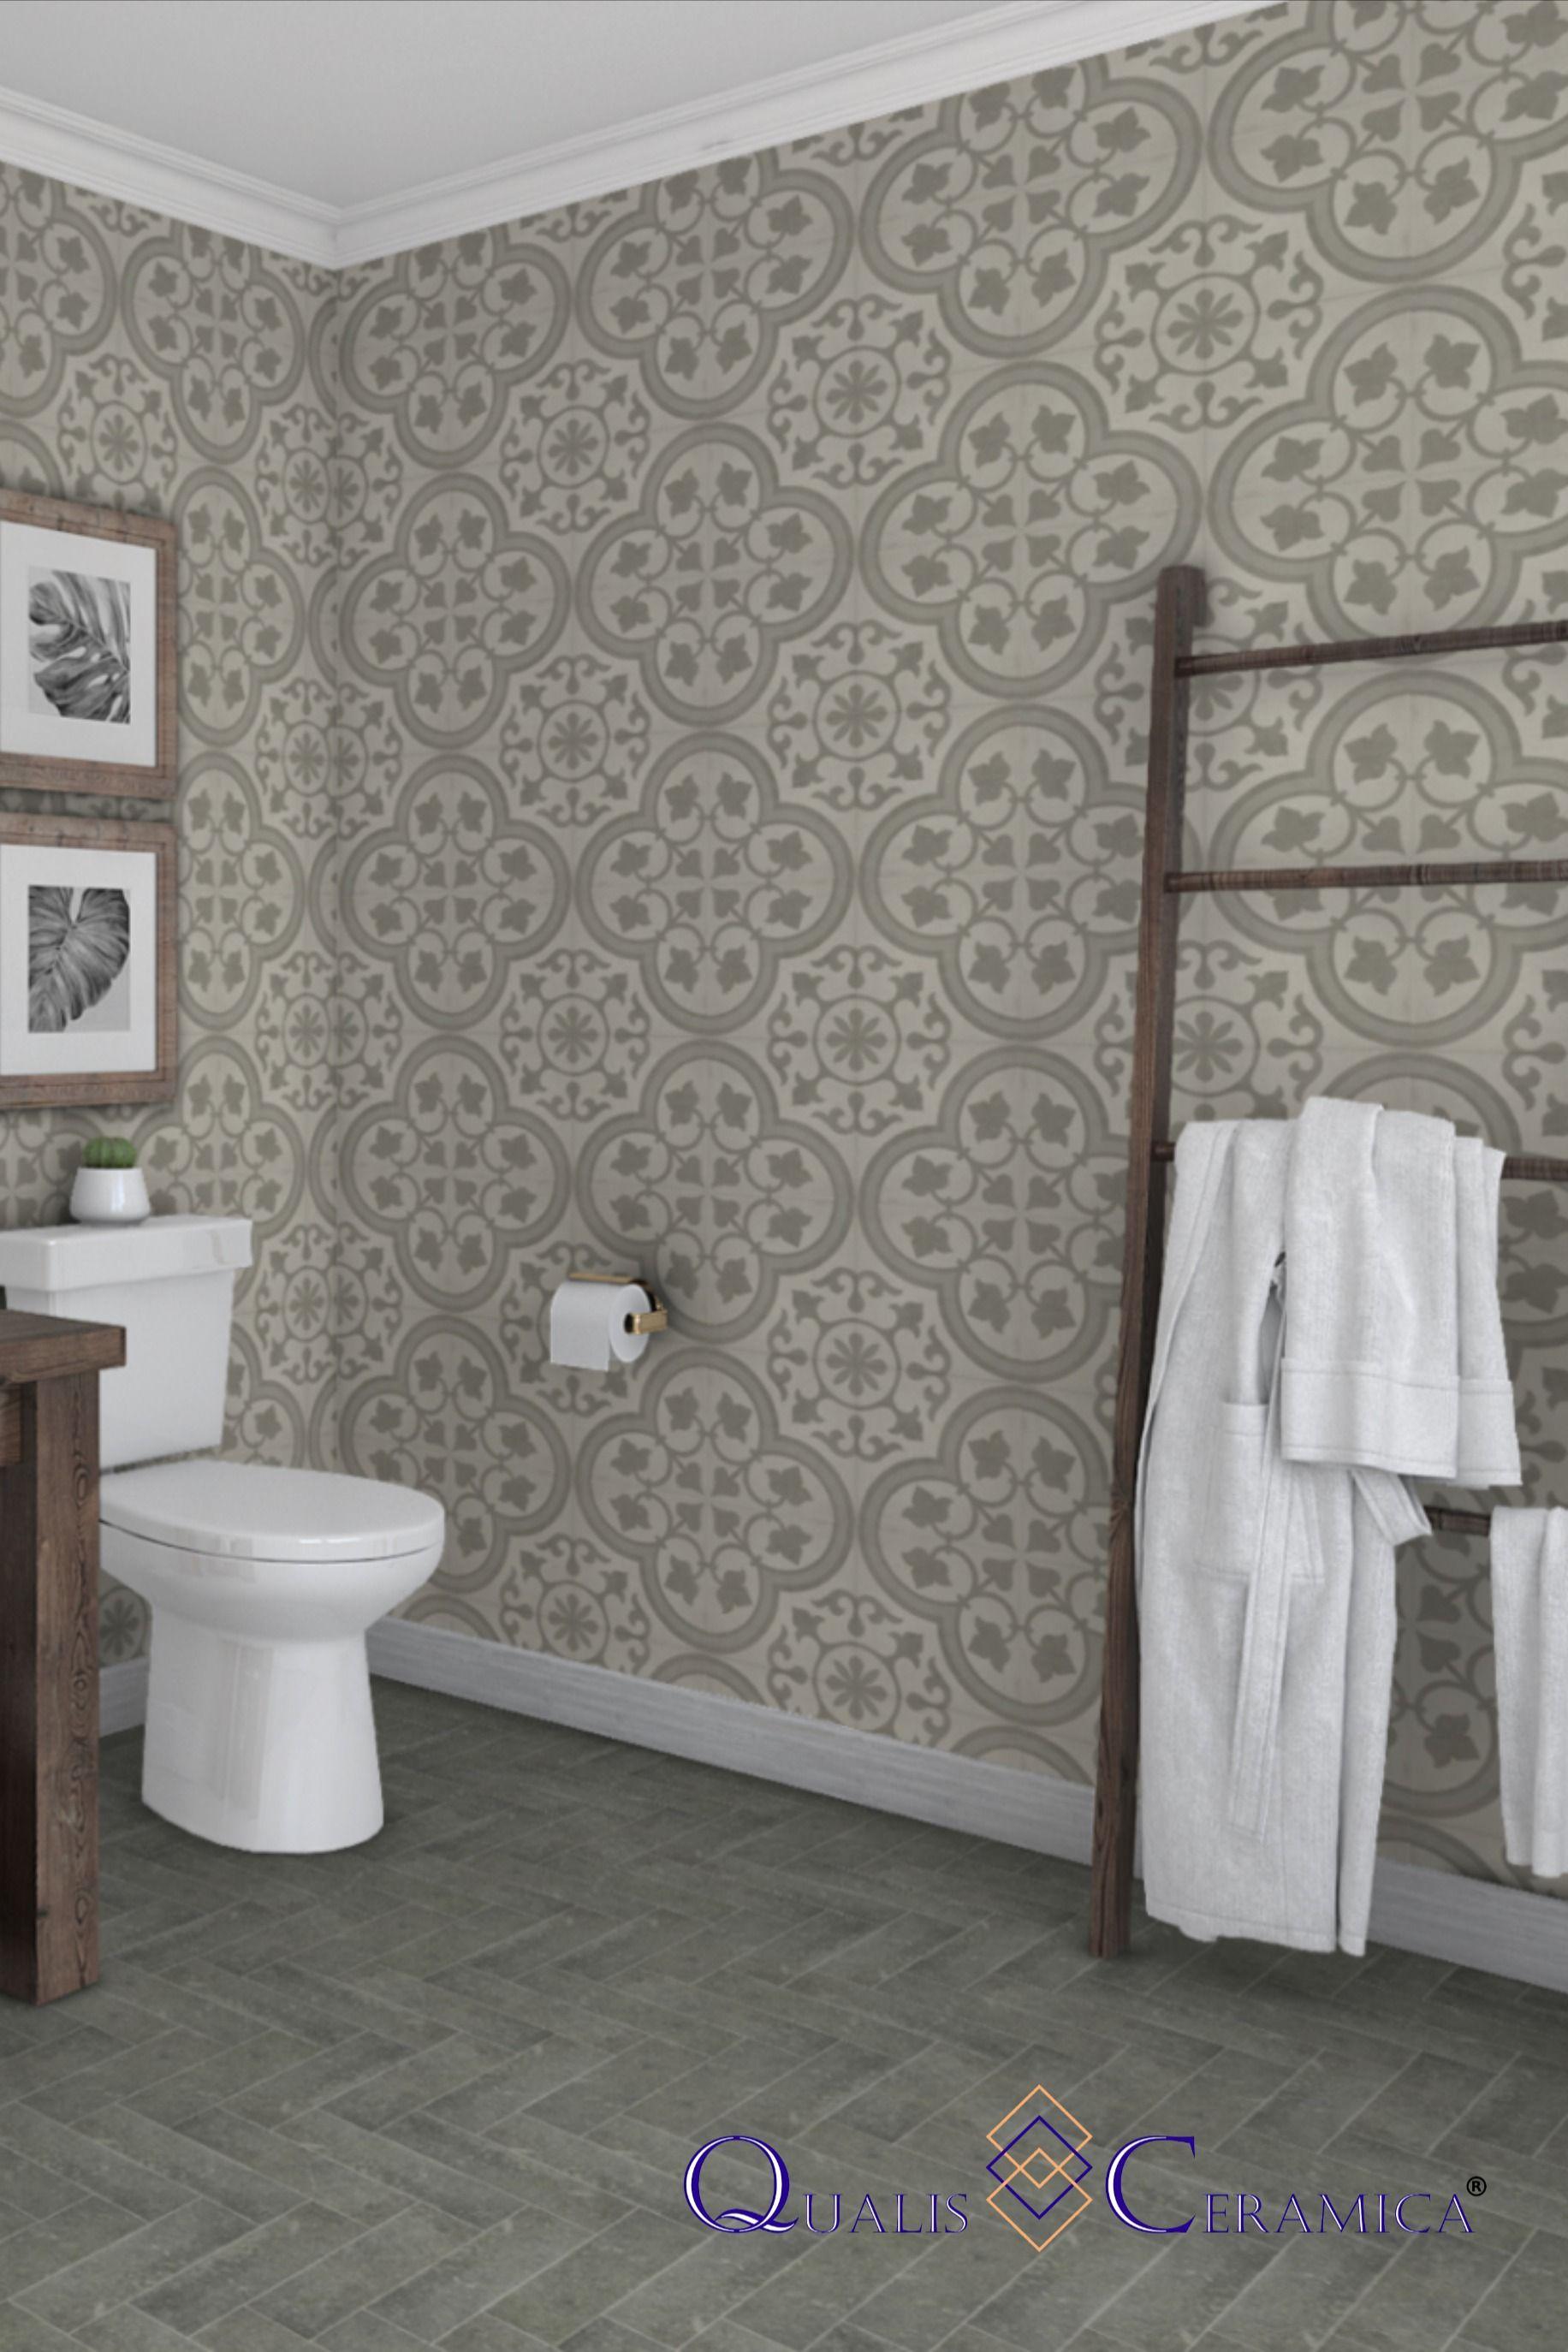 9x9 Room Design: Qualis Ceramica / Costa Smeralda La Salone / Low